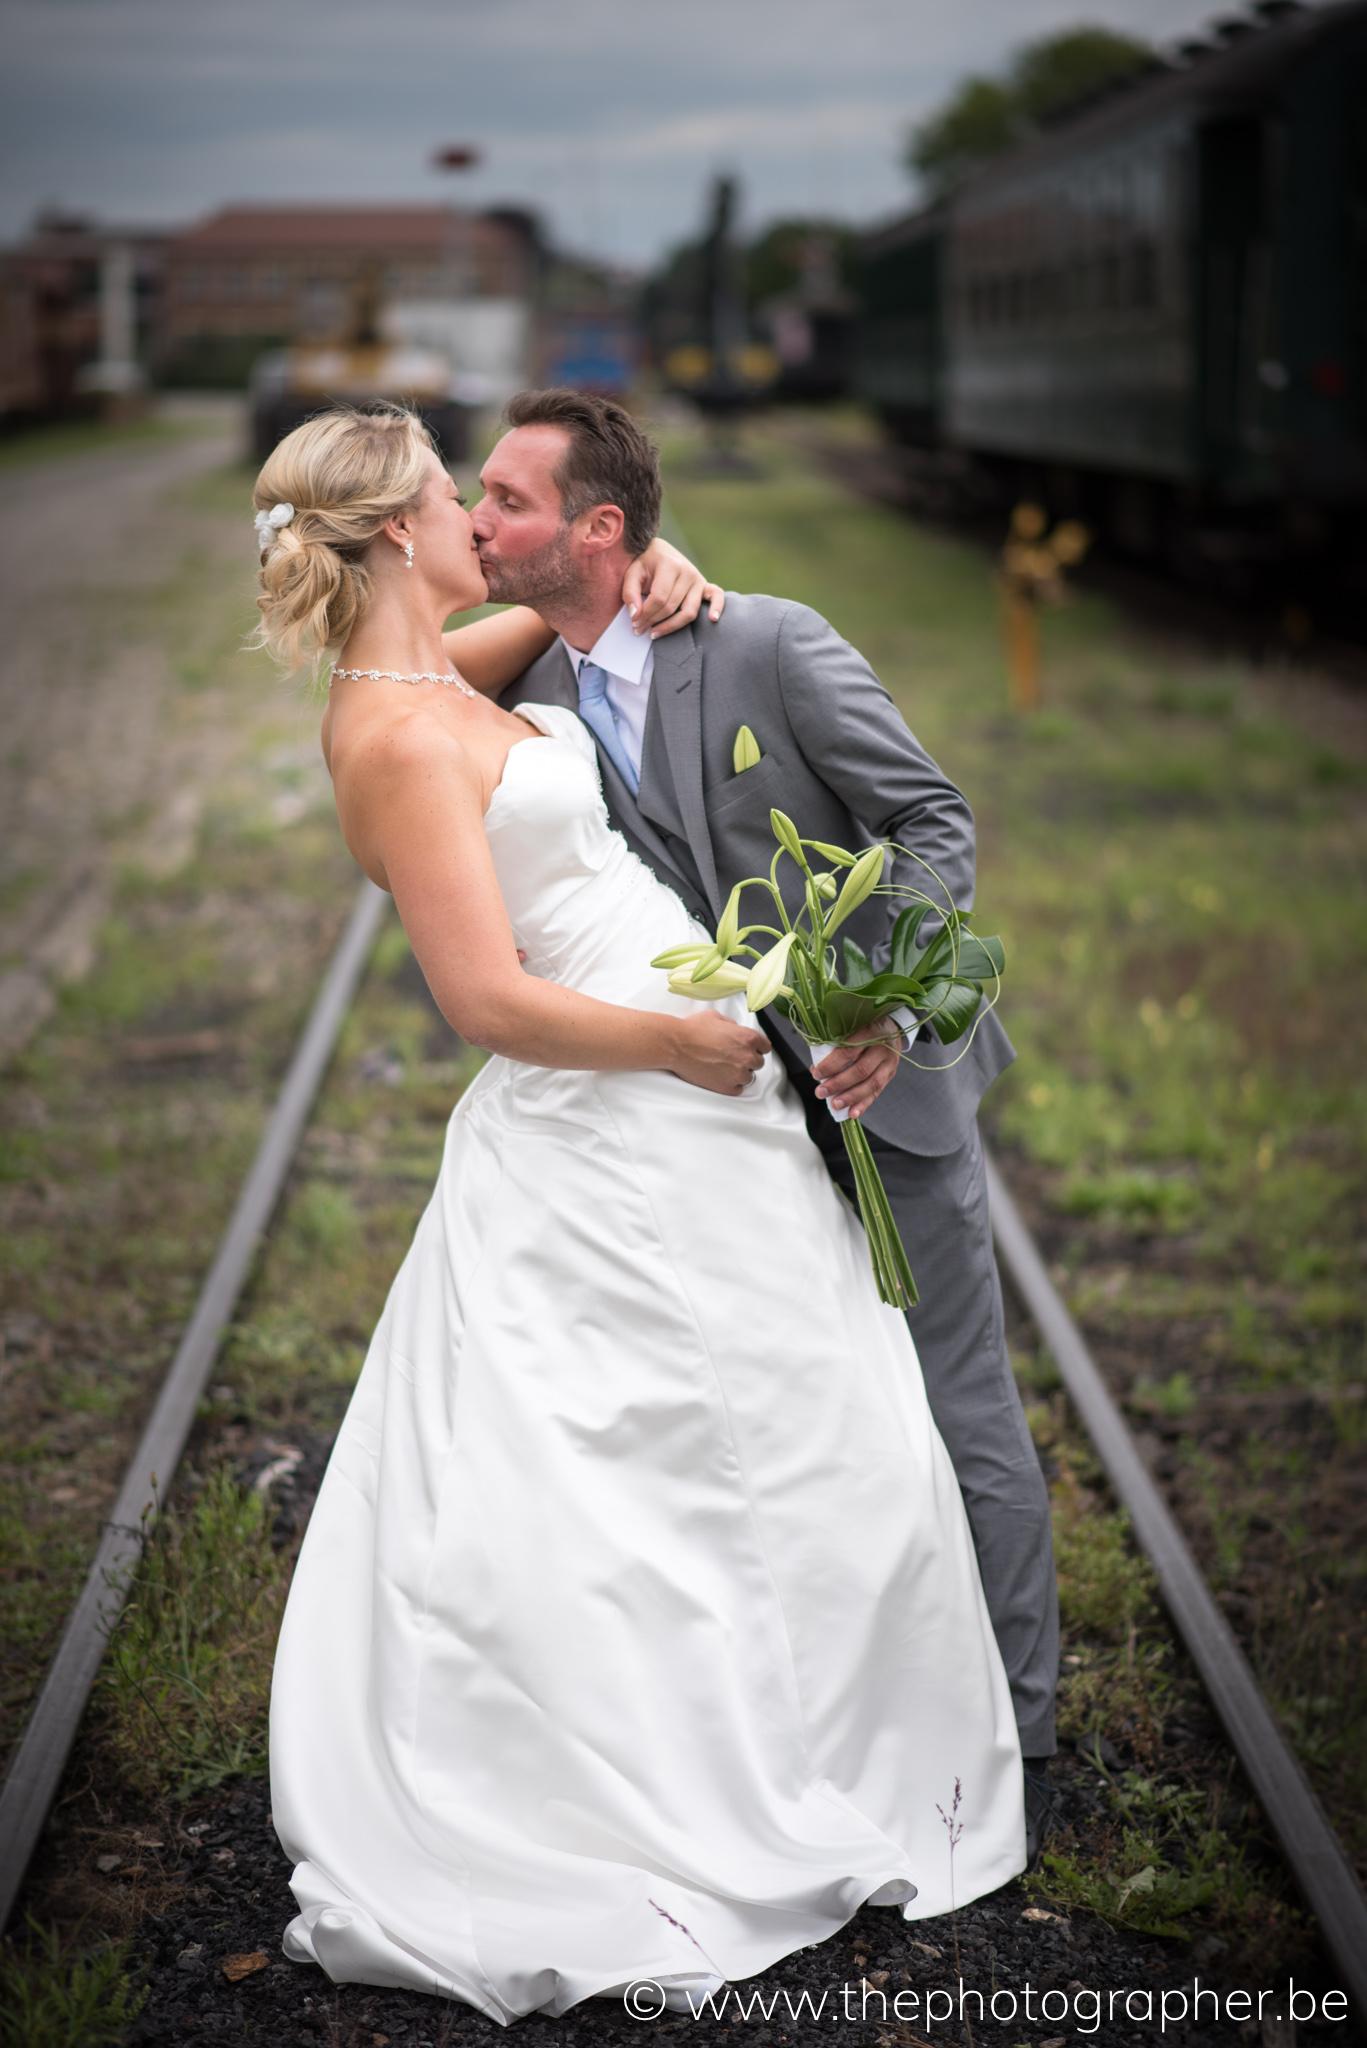 Een leuke huwelijksfoto op de treinsporen